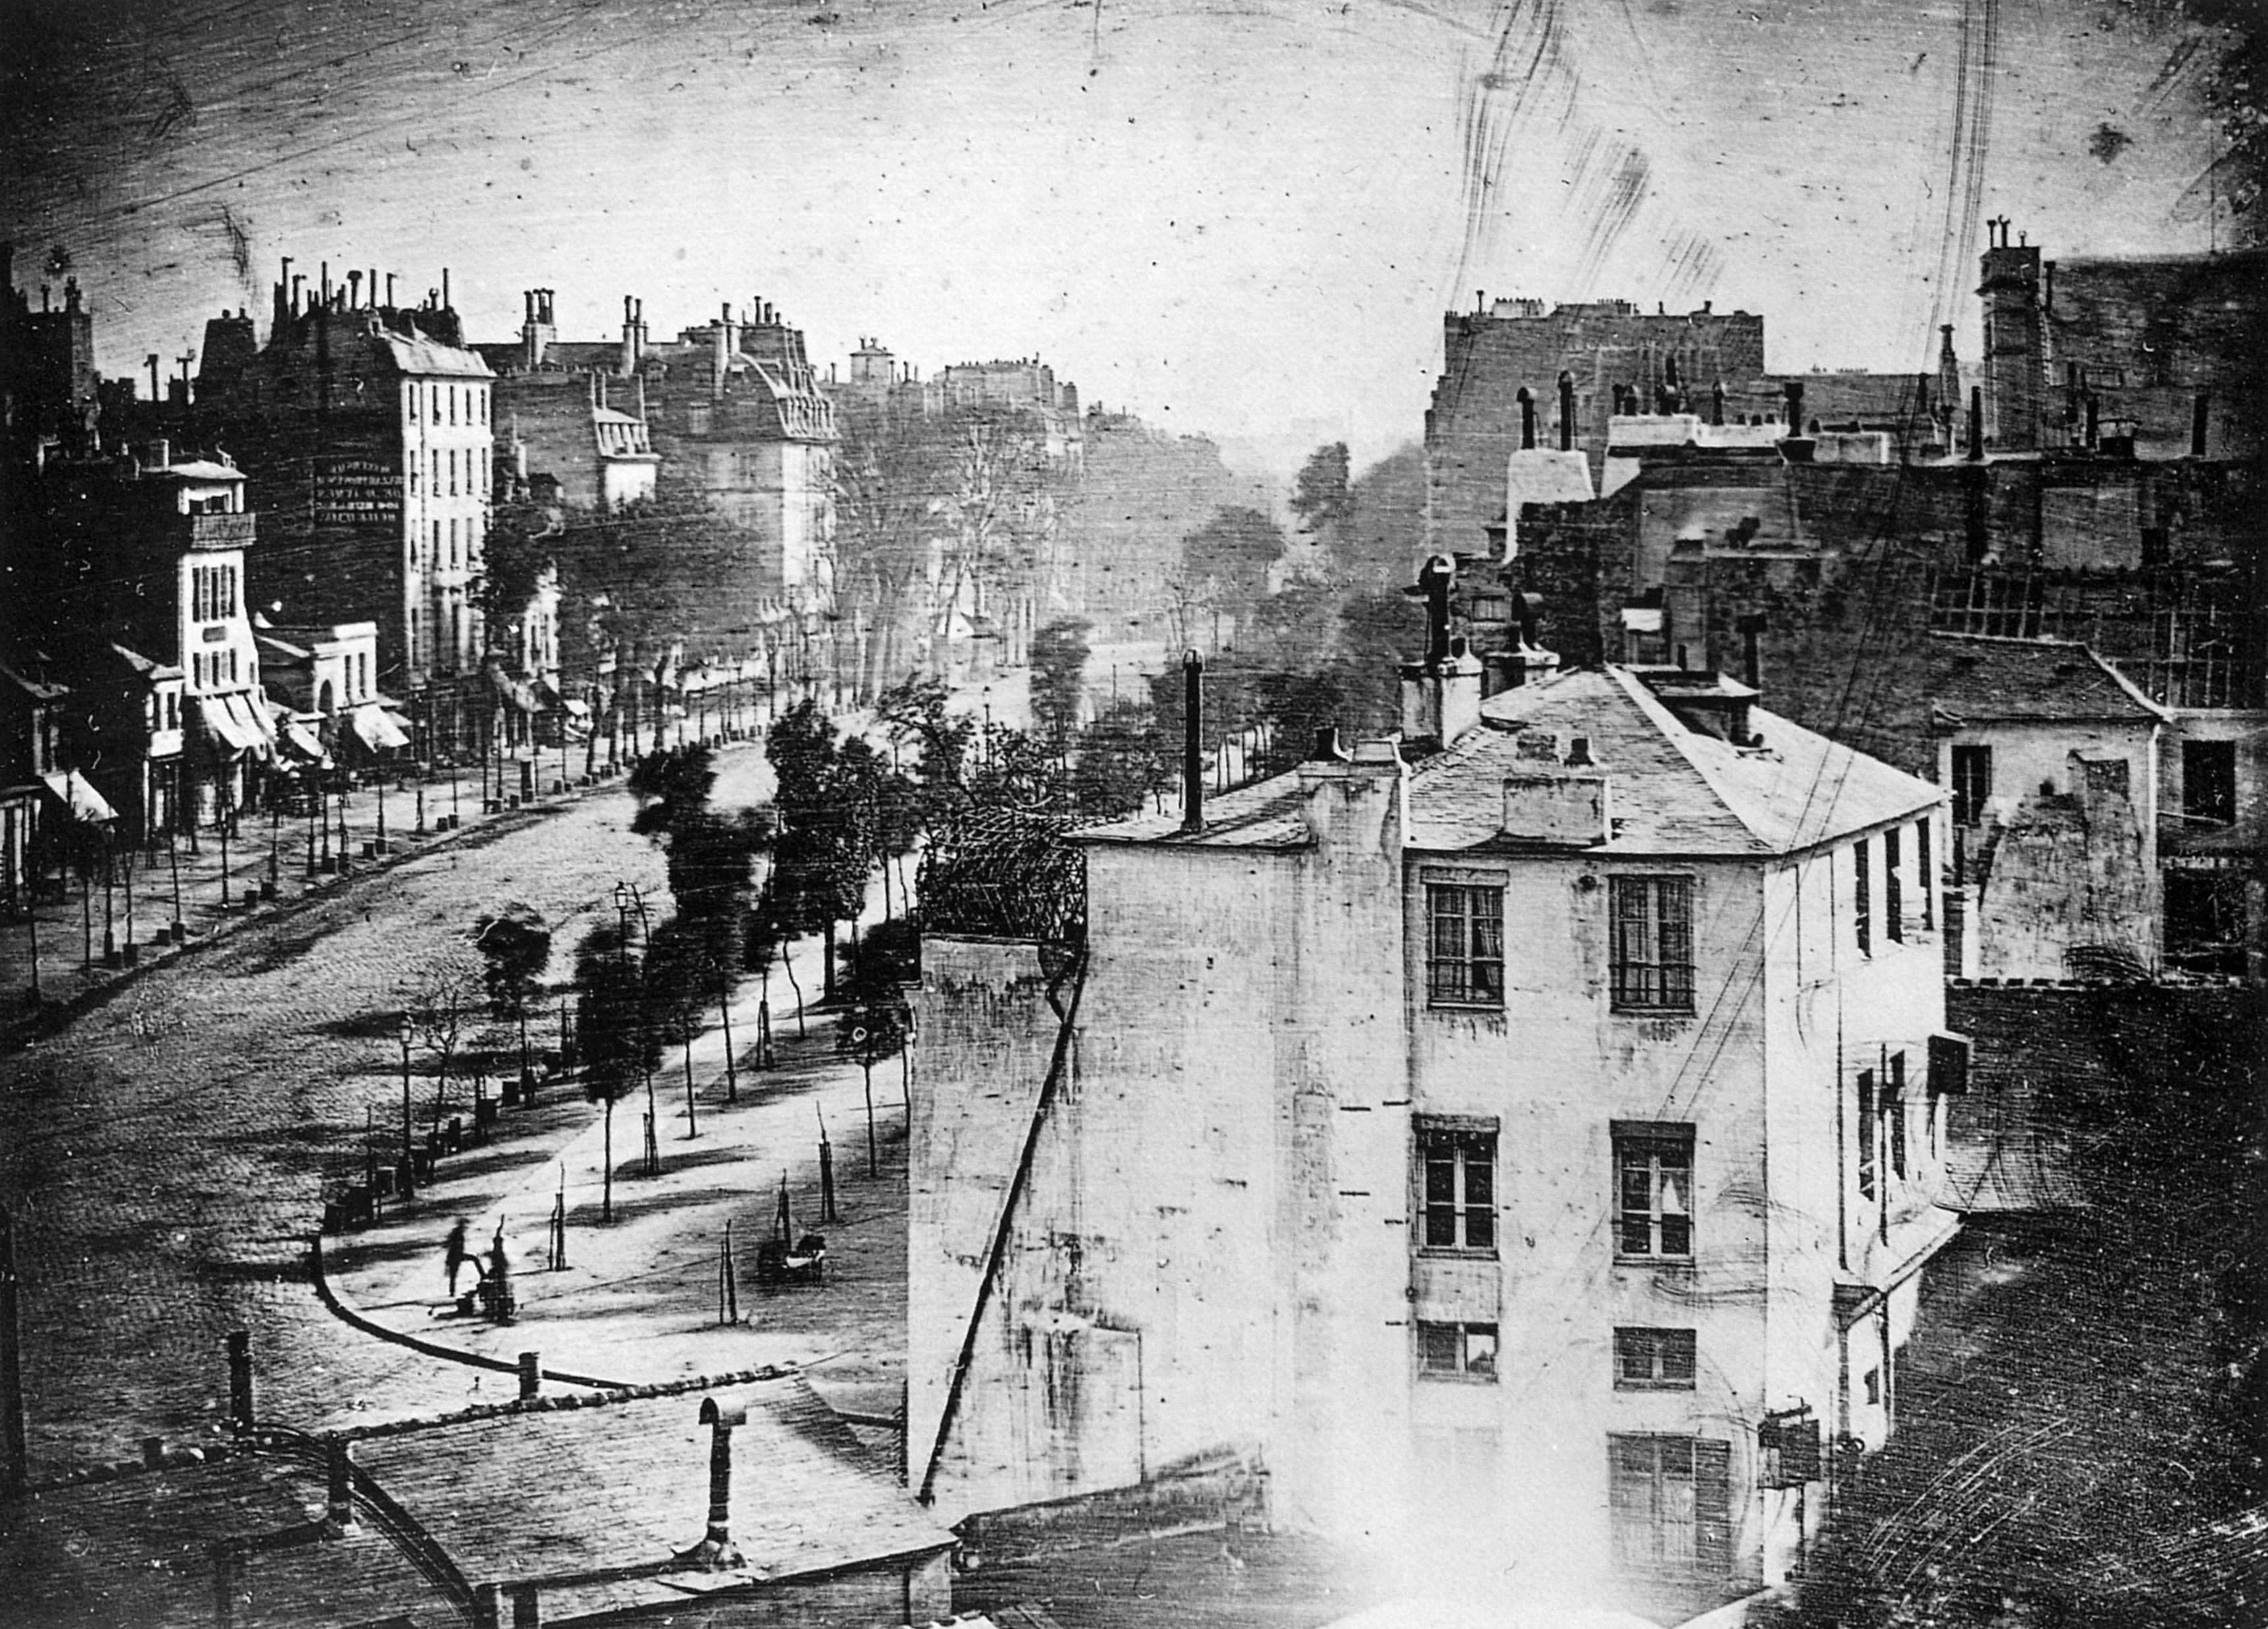 Boulevard du Temple, Paris - Daguerreotype taken by Louis Daguerre.